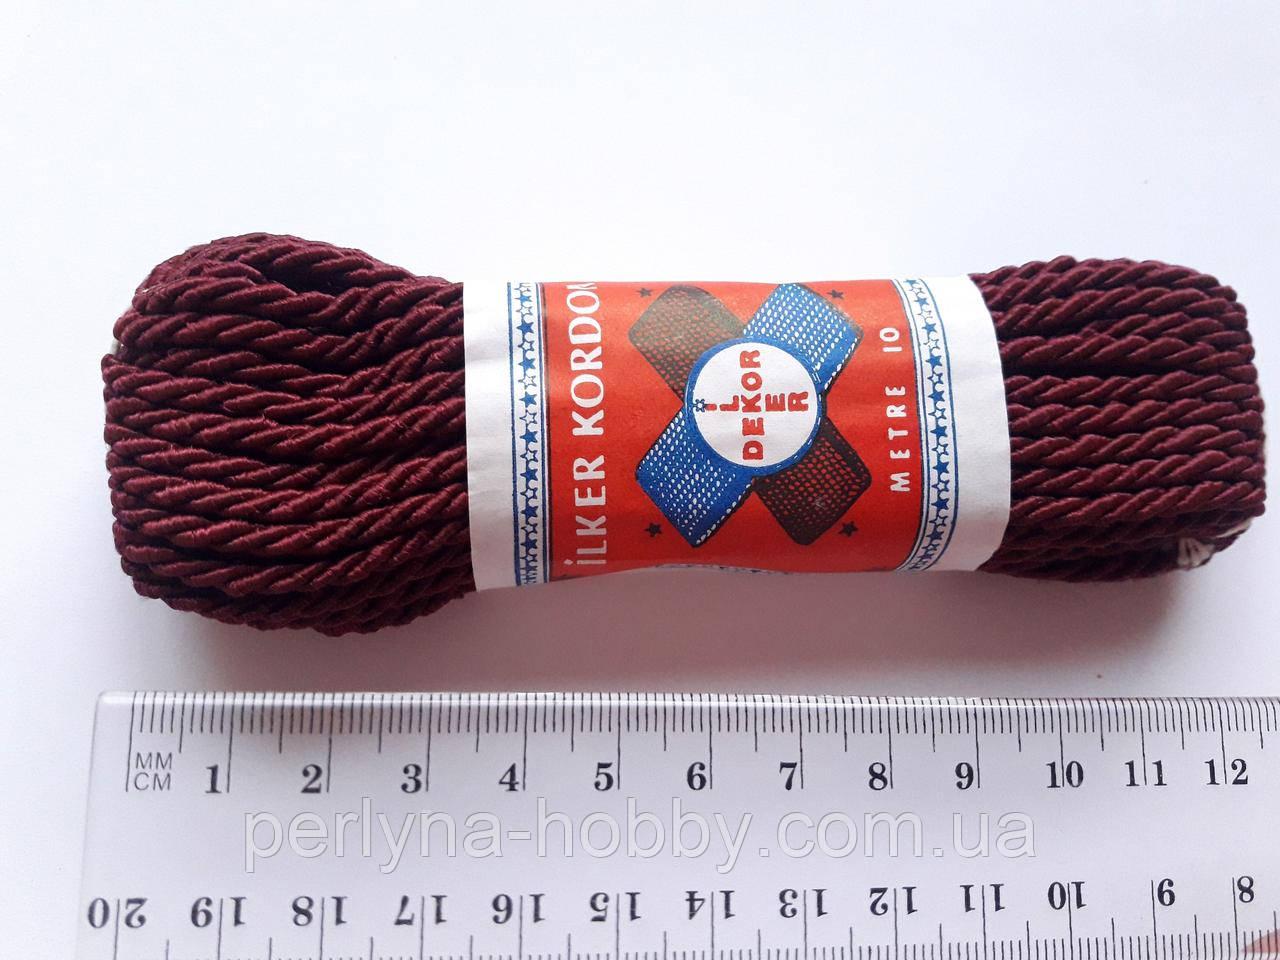 Шнур текстильний декоративний, бордовий.  Діаметр 4 мм.  Моток 9.5-10 метрів. Туреччина.